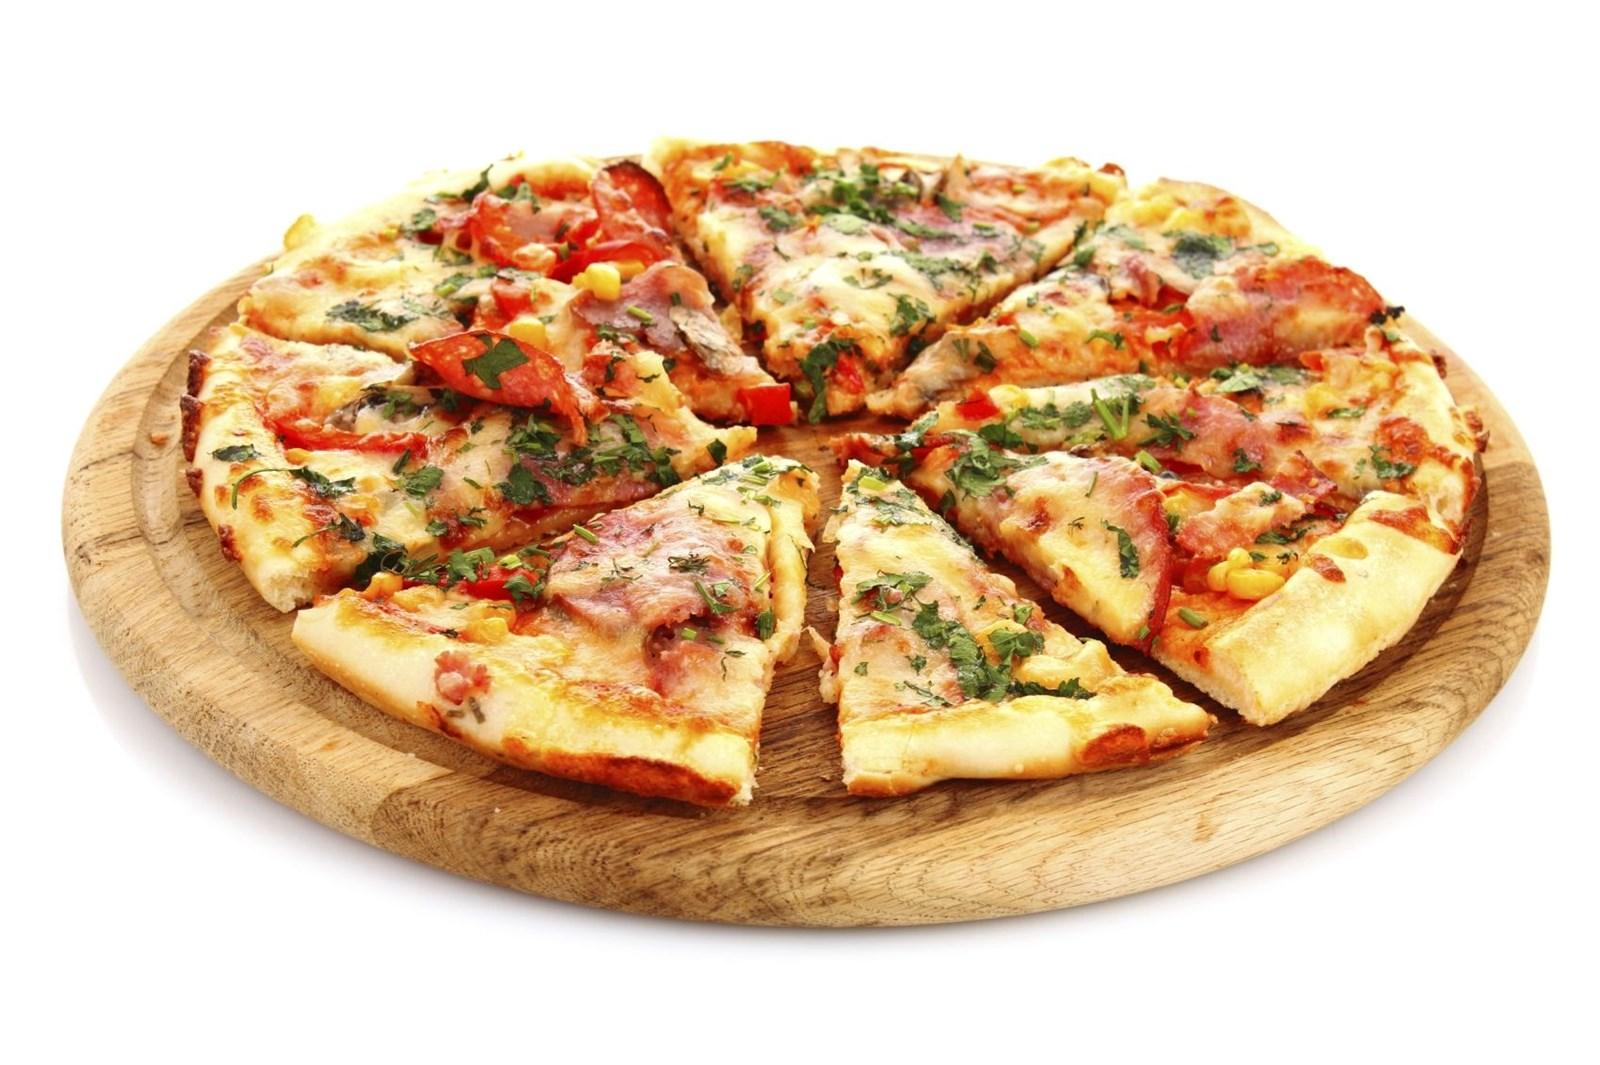 большая часть калорий содержится именно в тесте пиццы